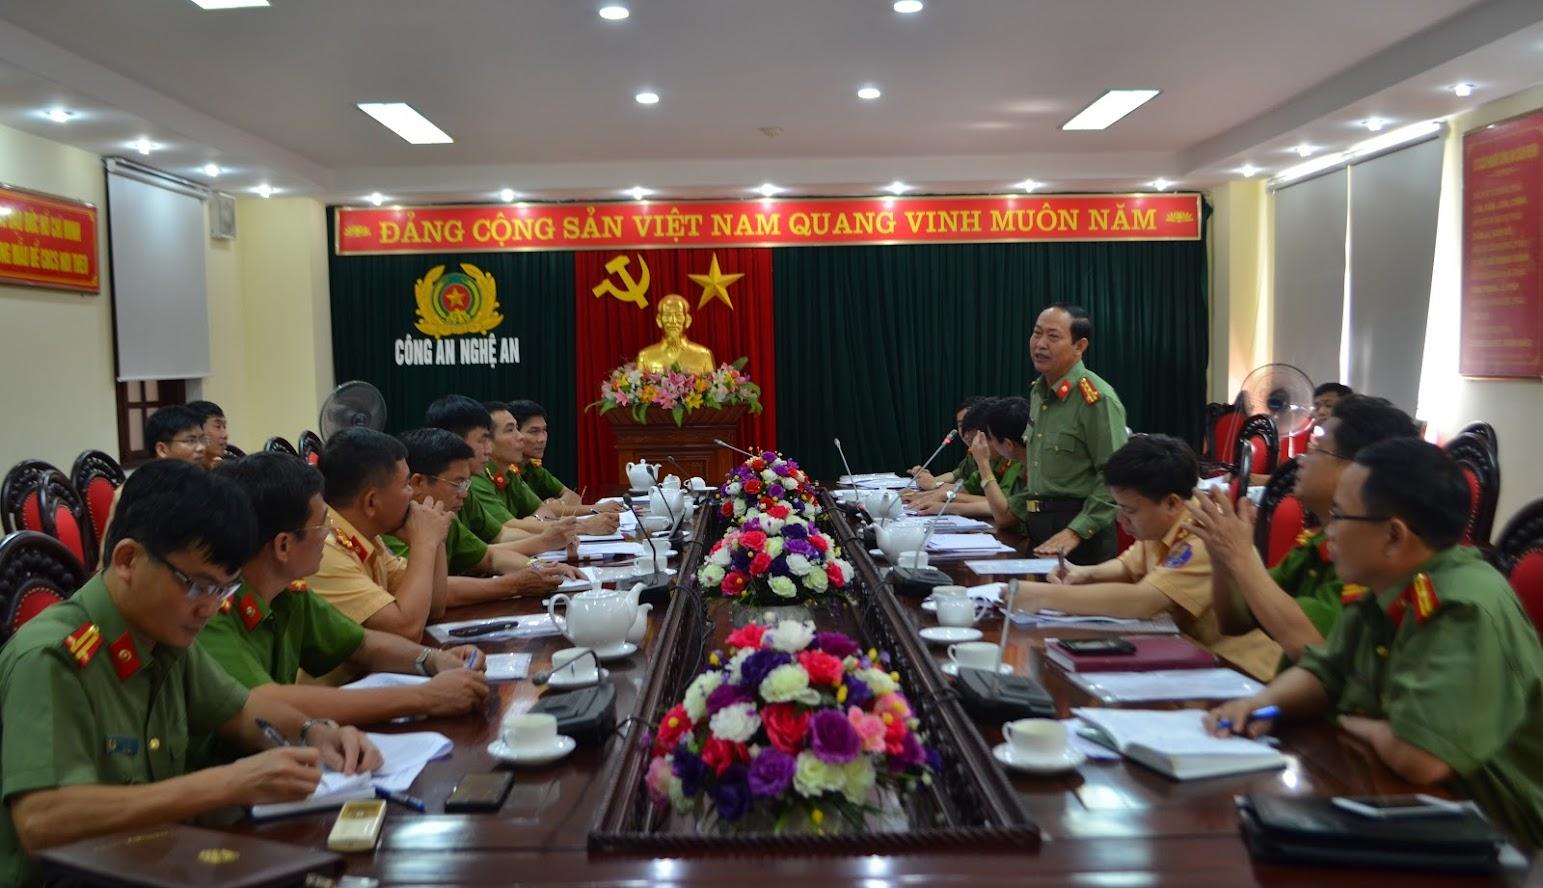 Đại tá Nguyễn Tiến Dần, Phó Giám đốc Công an tỉnh phát biểu